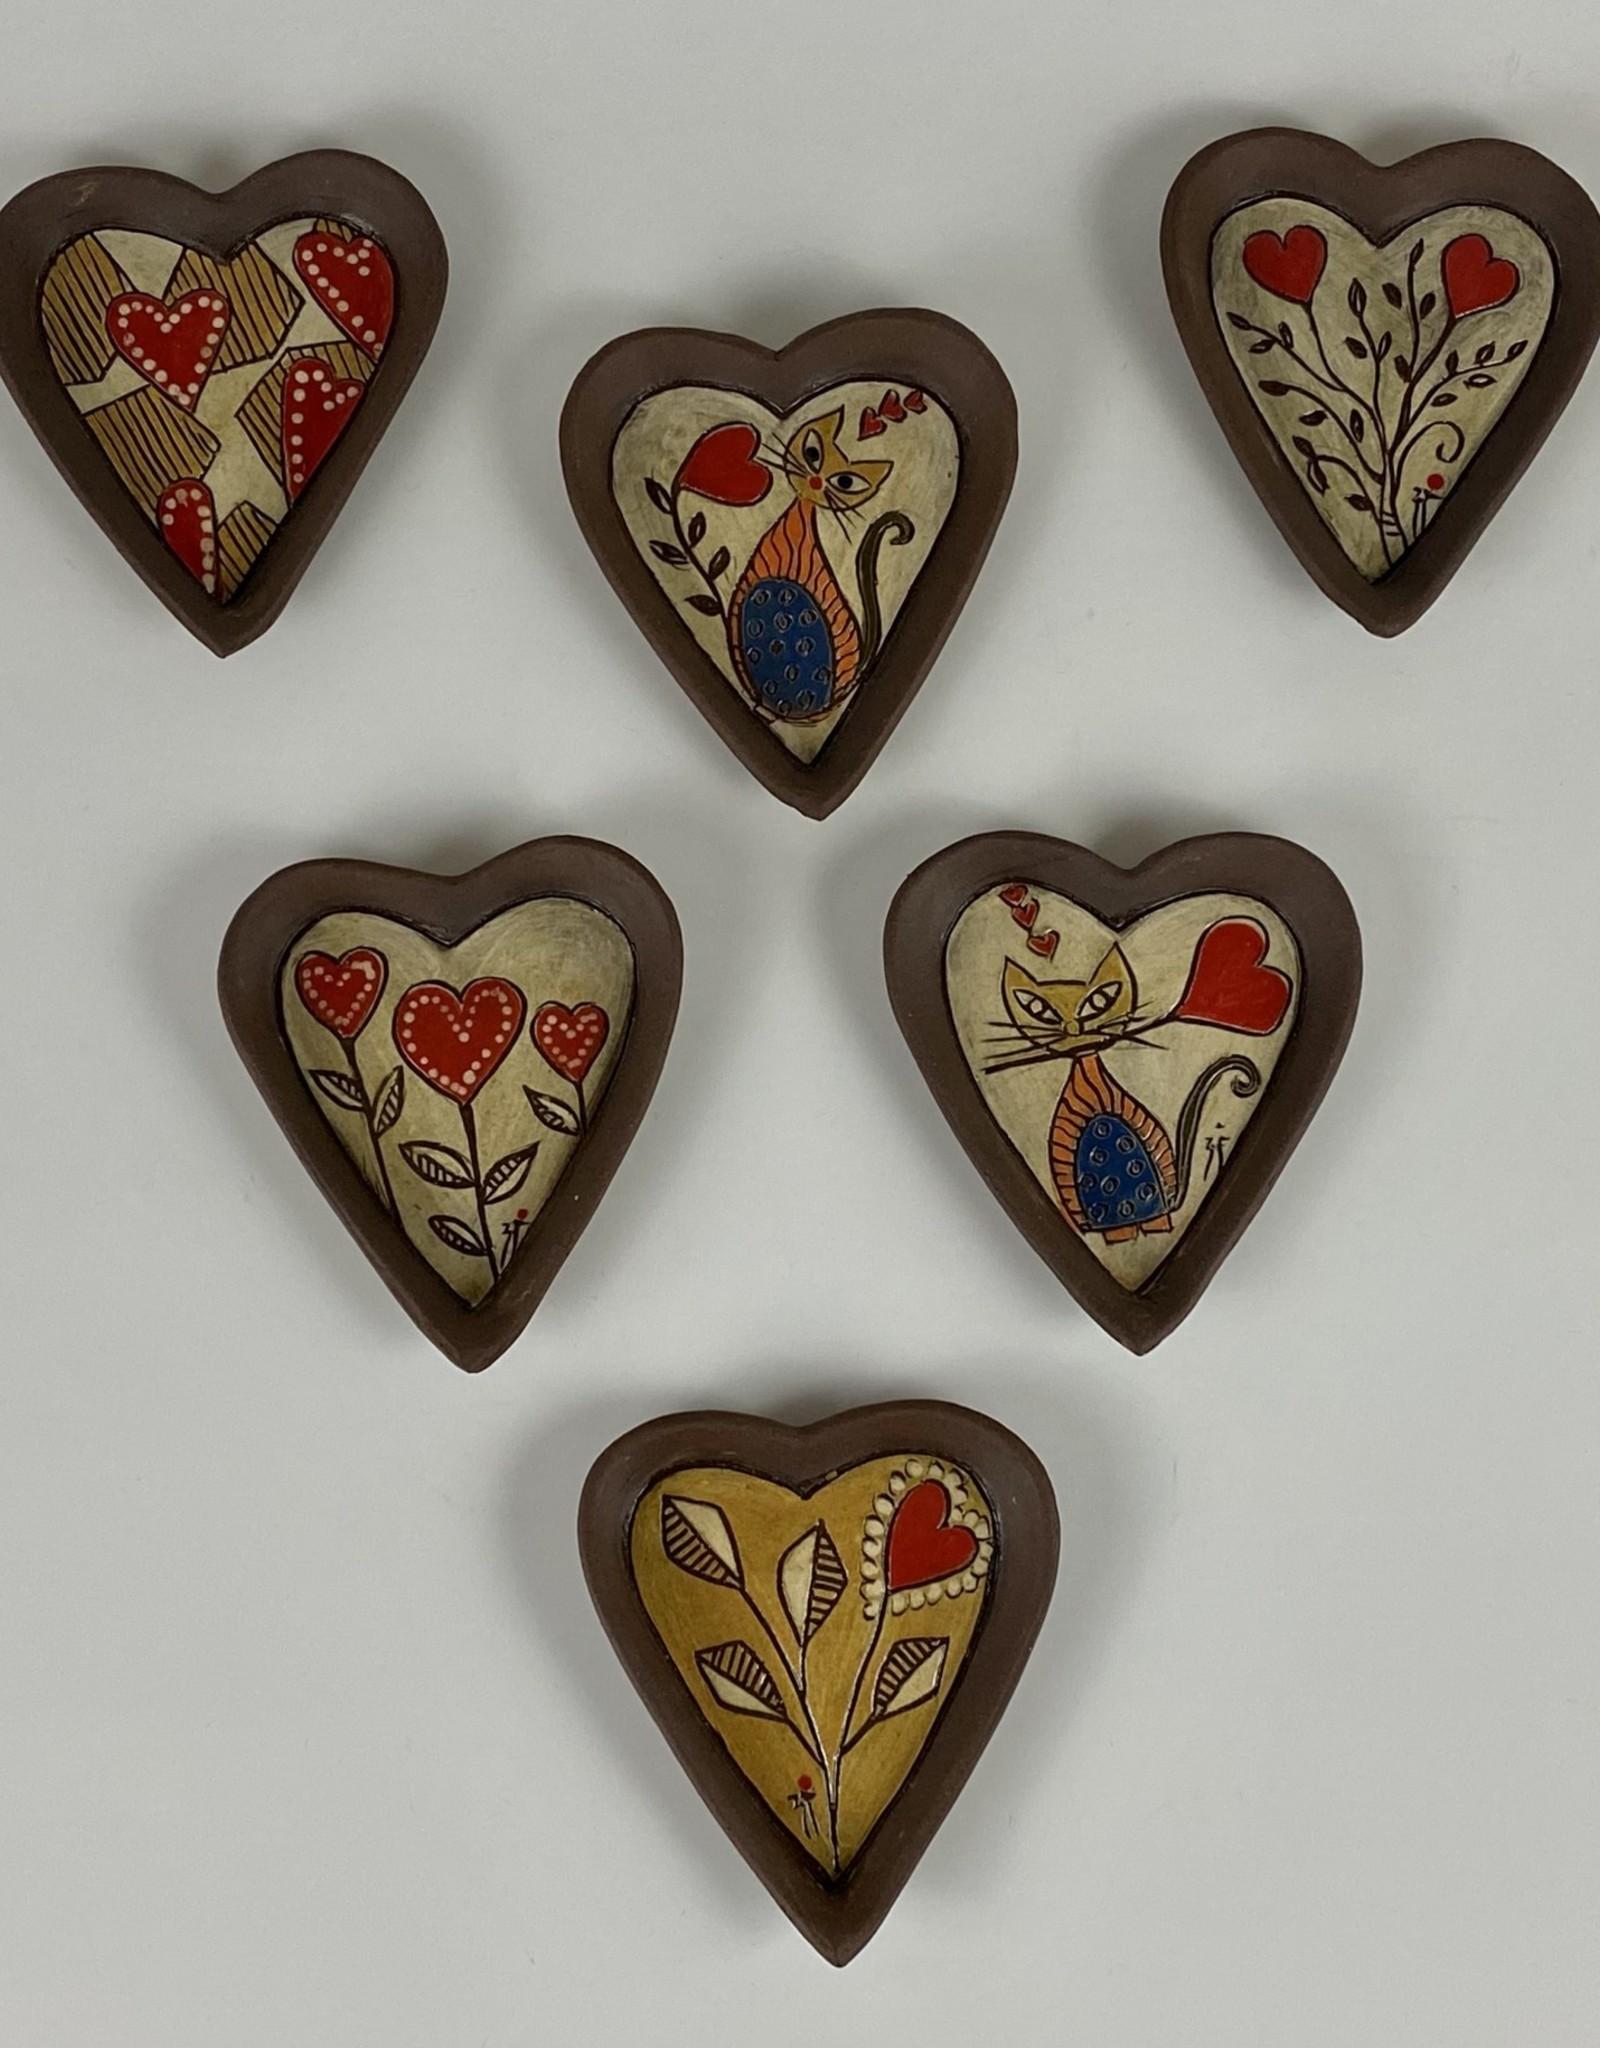 Anshula Tayal Amaati Heart tray 2nd style